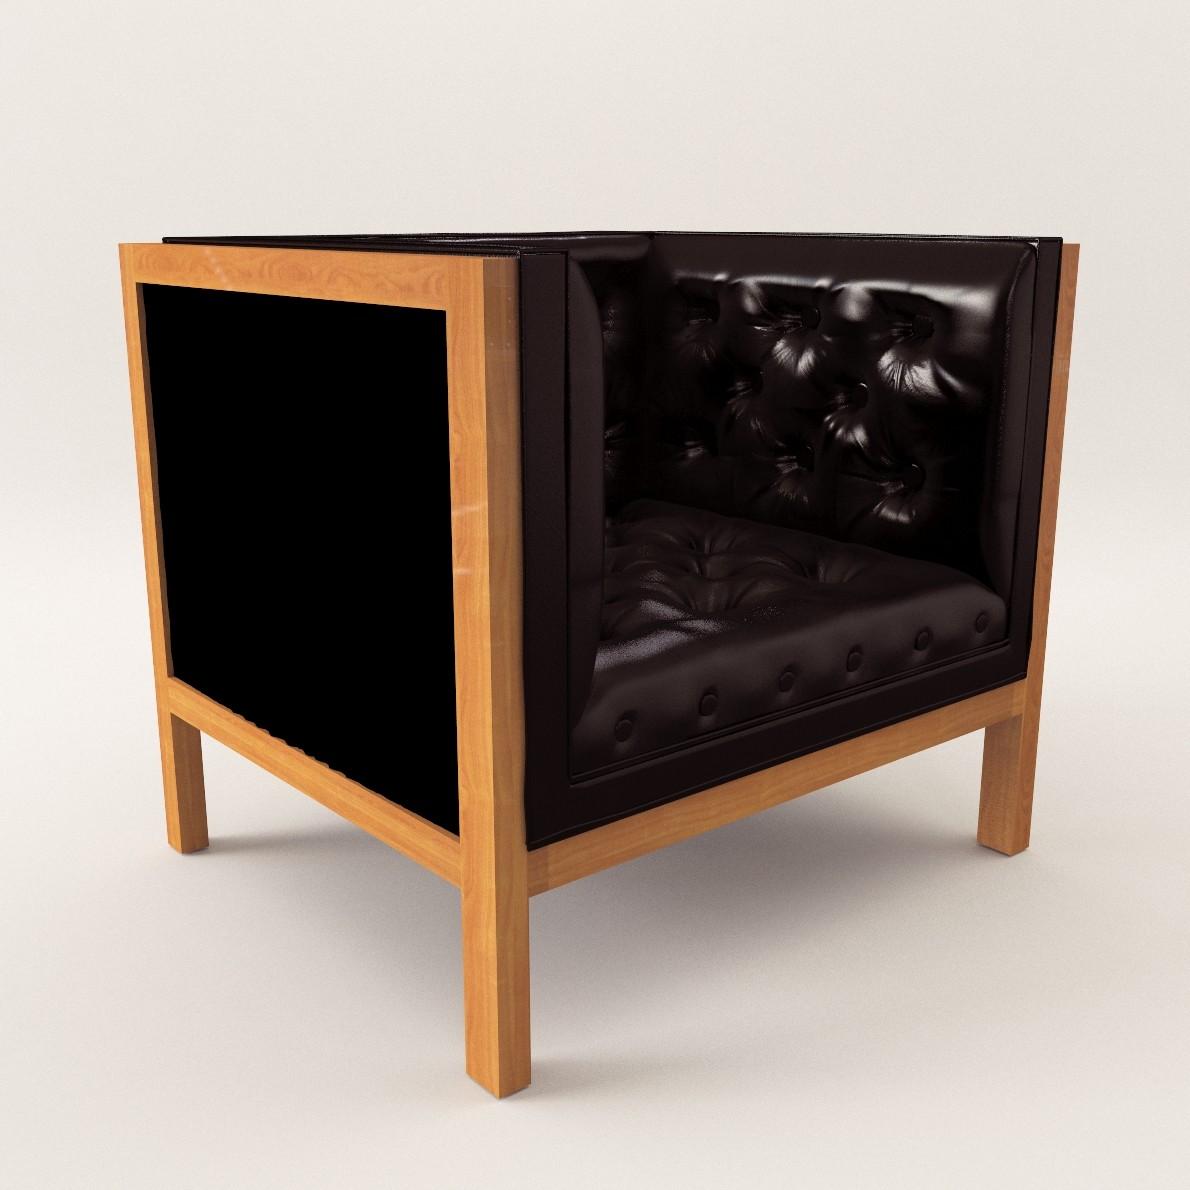 Art Deco armchair - 3D Realistic Model - Artium3D